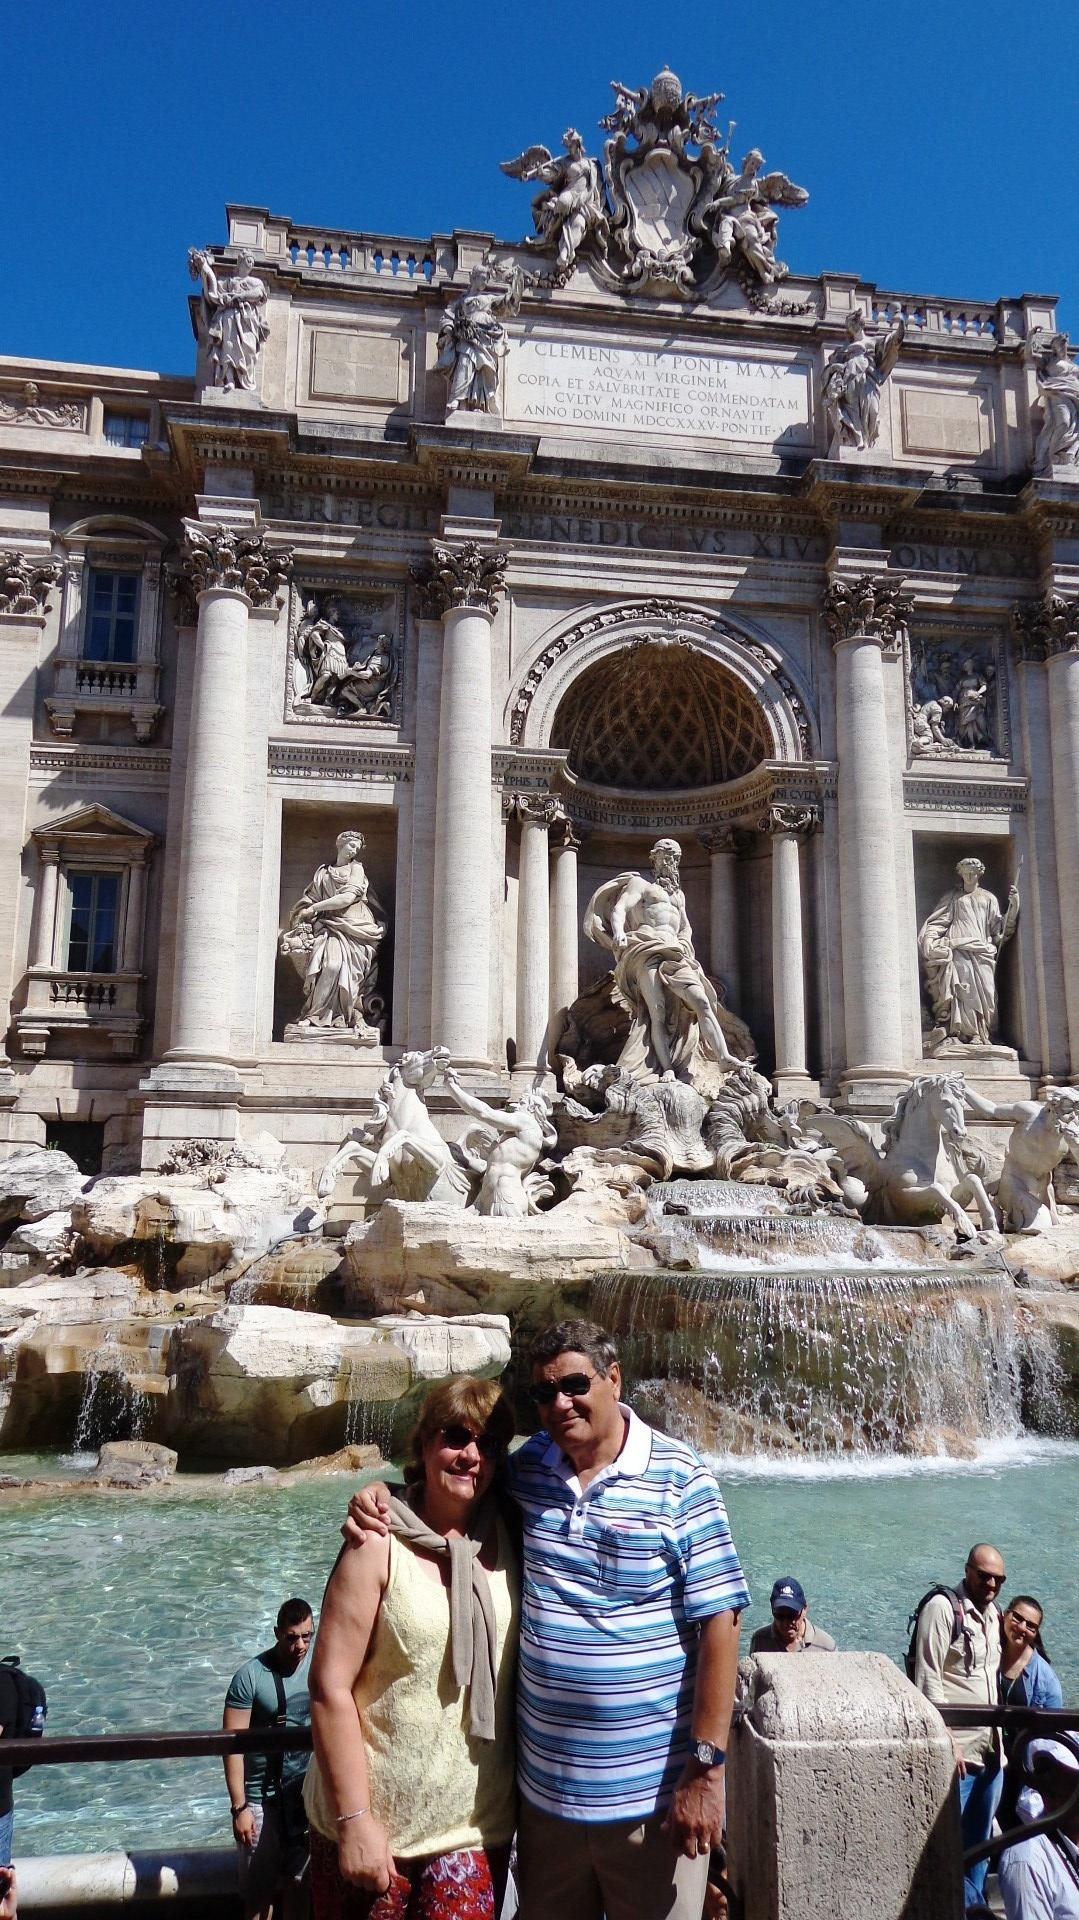 En la Fontana di Trevi